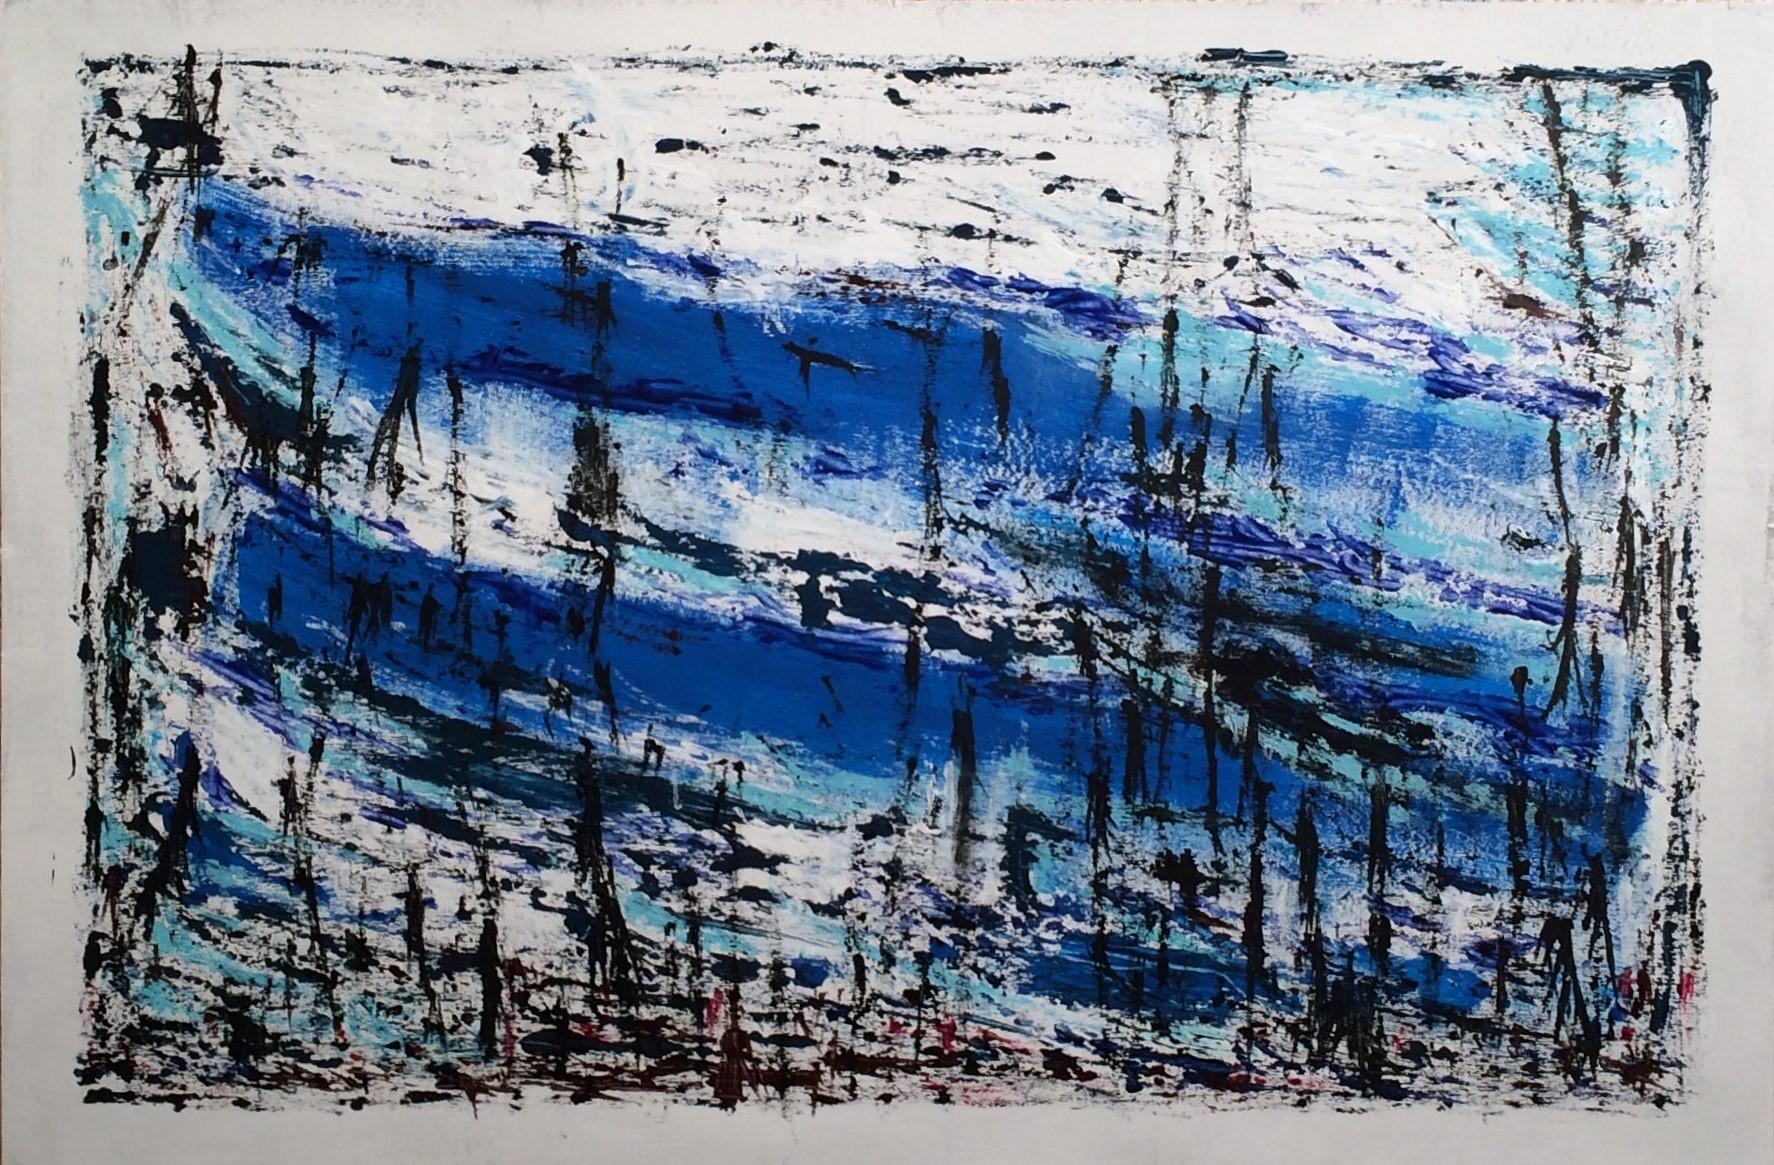 N°2419 - Roseaux - Acrylique sur carton - 80 x 120 cm - 1er mai 2016